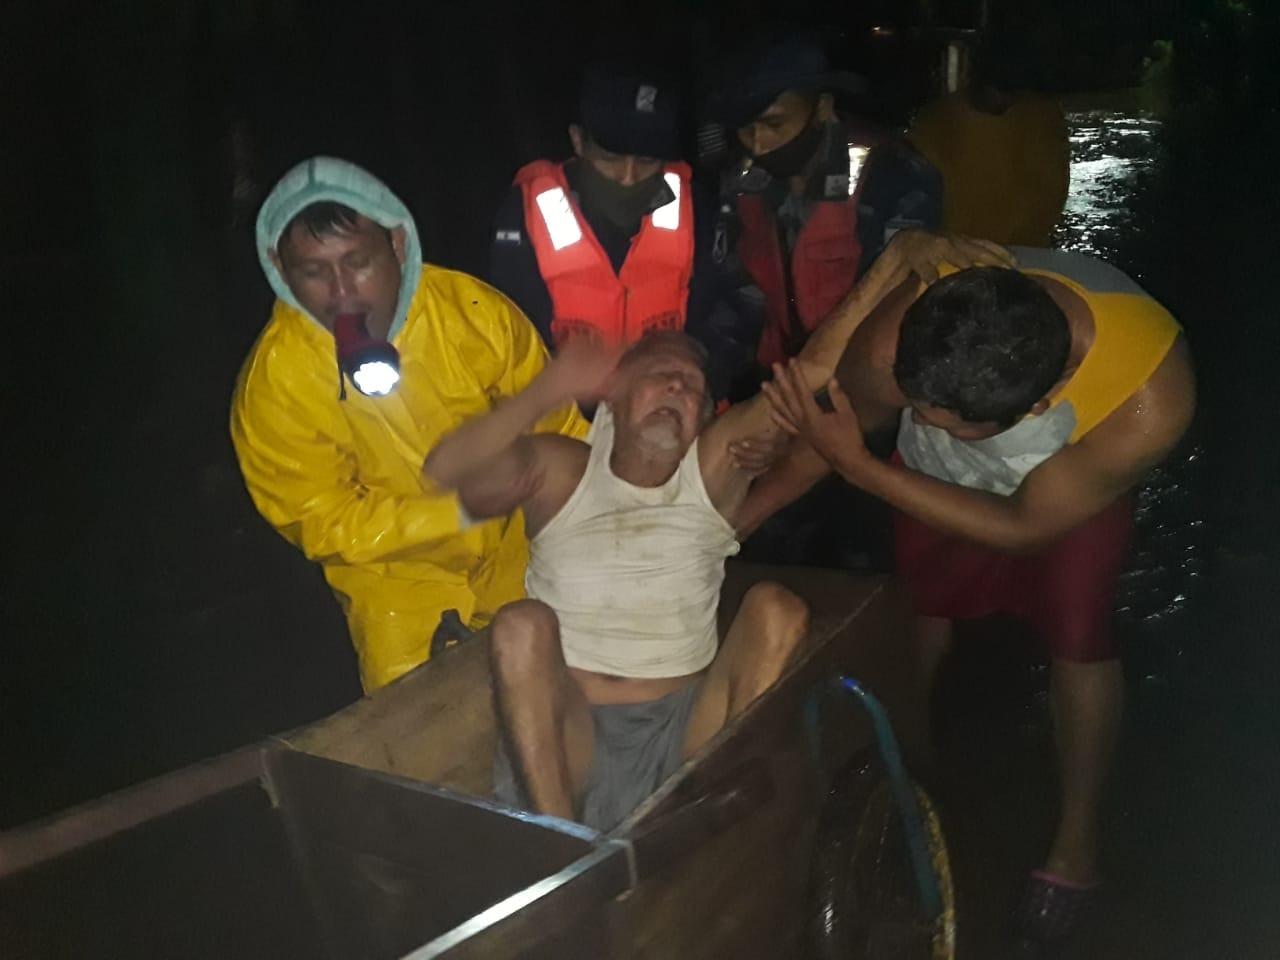 Resguardan vida de más de 300 personas en San Rafael del Sur Managua. Por Jerson Dumas/Radio La Primerísima